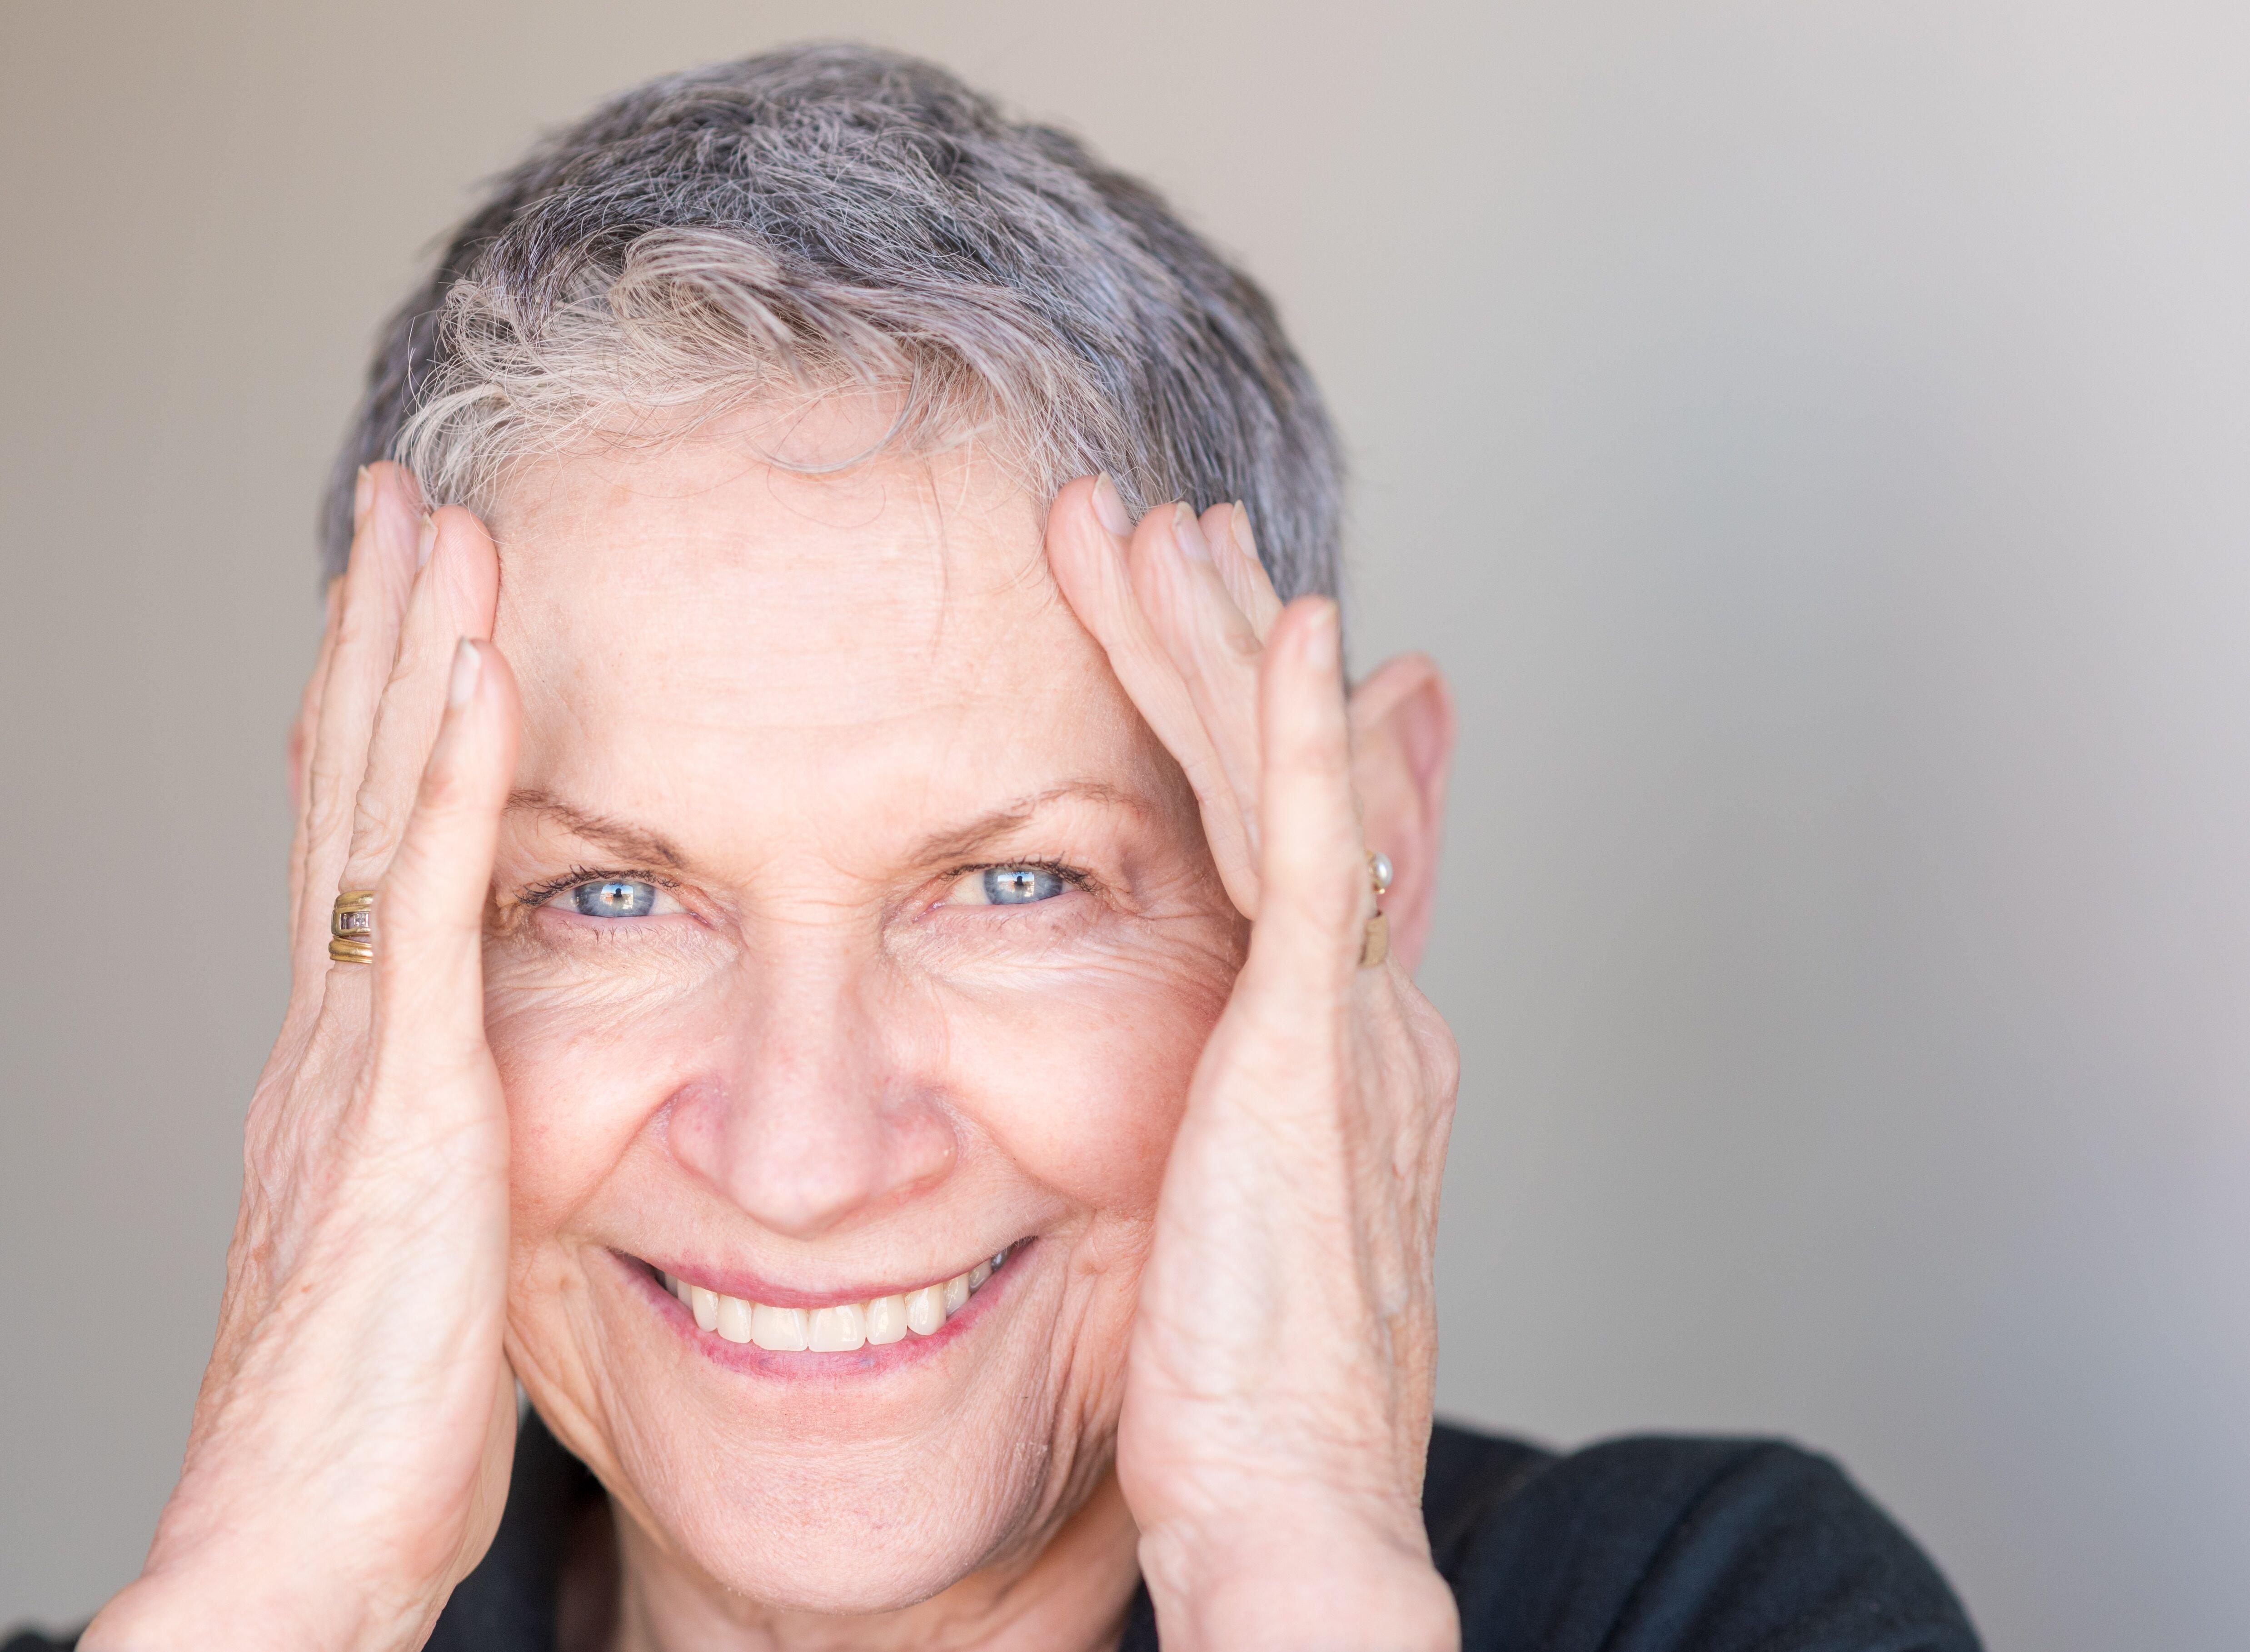 une femme âgée qui fixe le caméra | Photo : Shutterstock